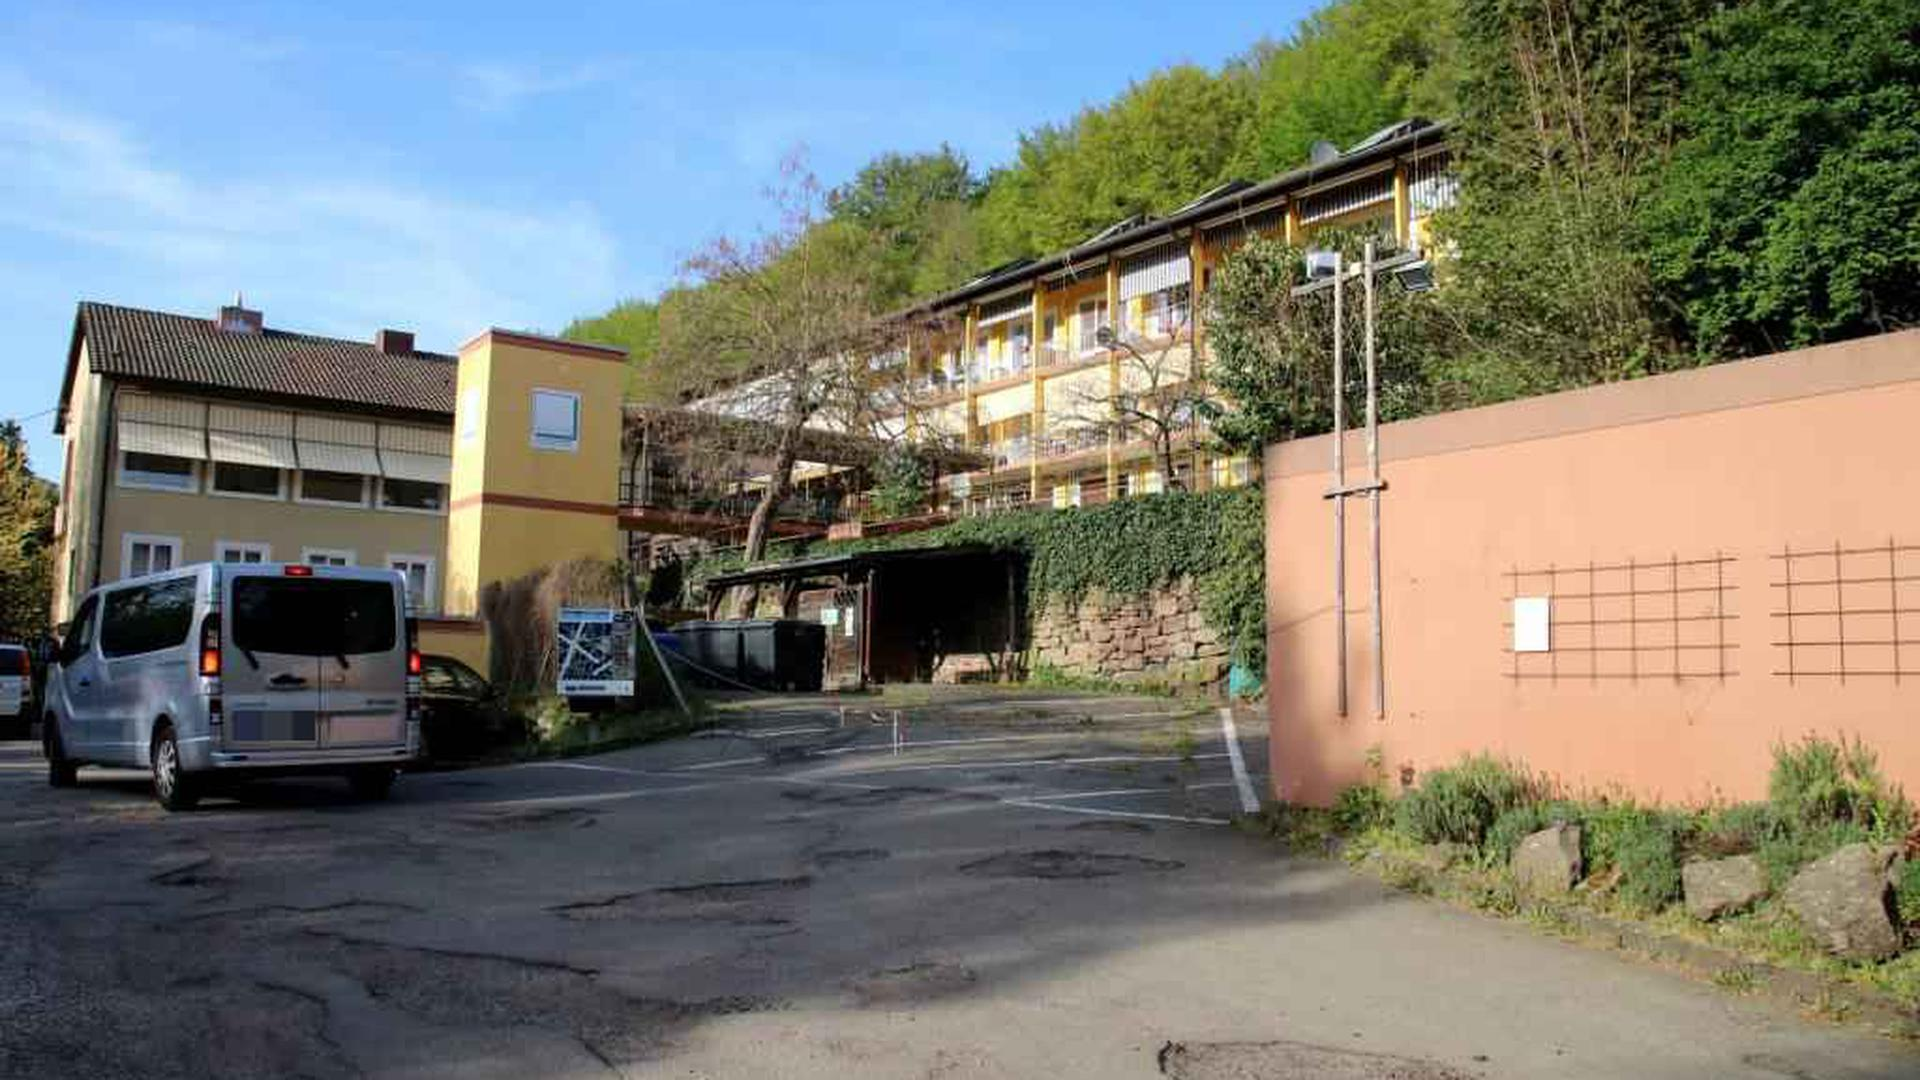 """Wohnqualität: Die """"Monteurswohnungen"""" in der alten Sonnenhalde in Neuenbürg werden regelmäßig kritisiert."""